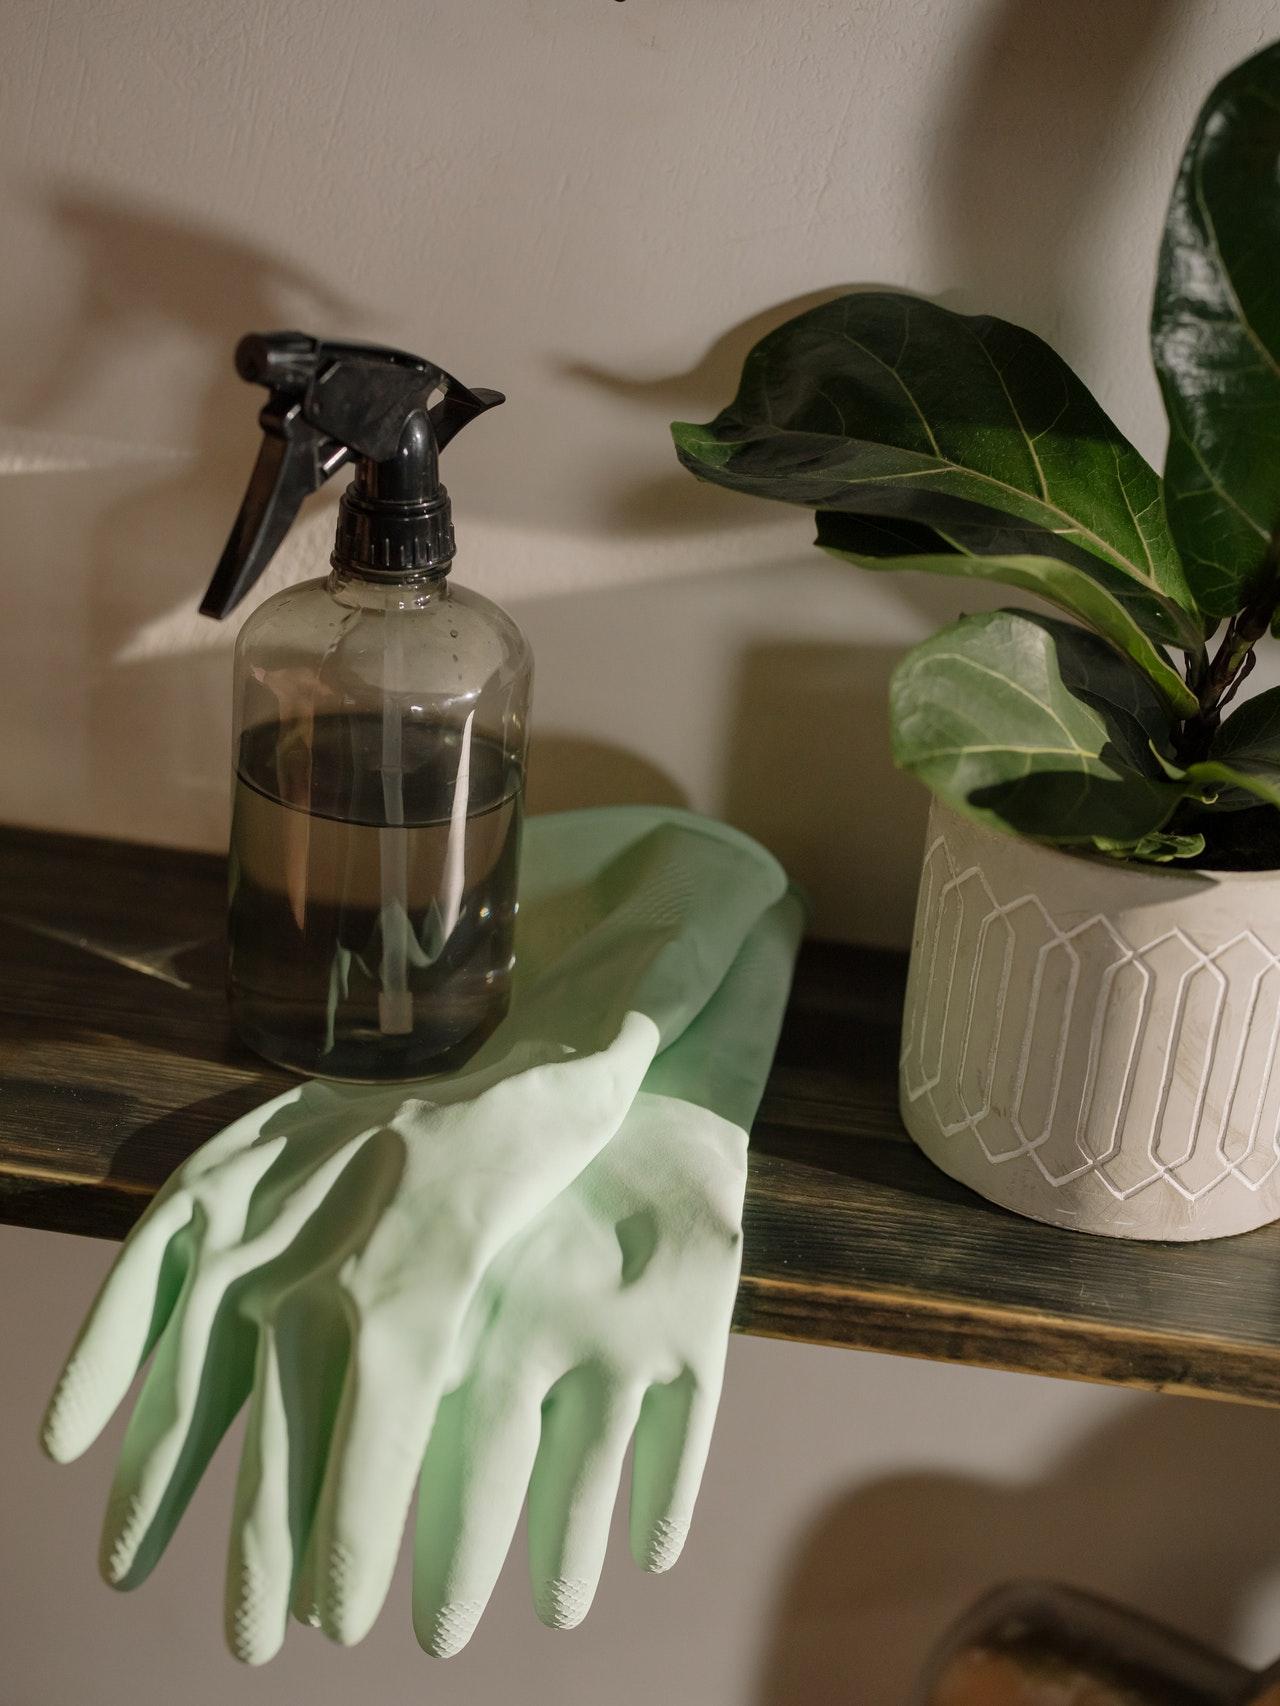 Spar vand og kemikalier når du gør rent